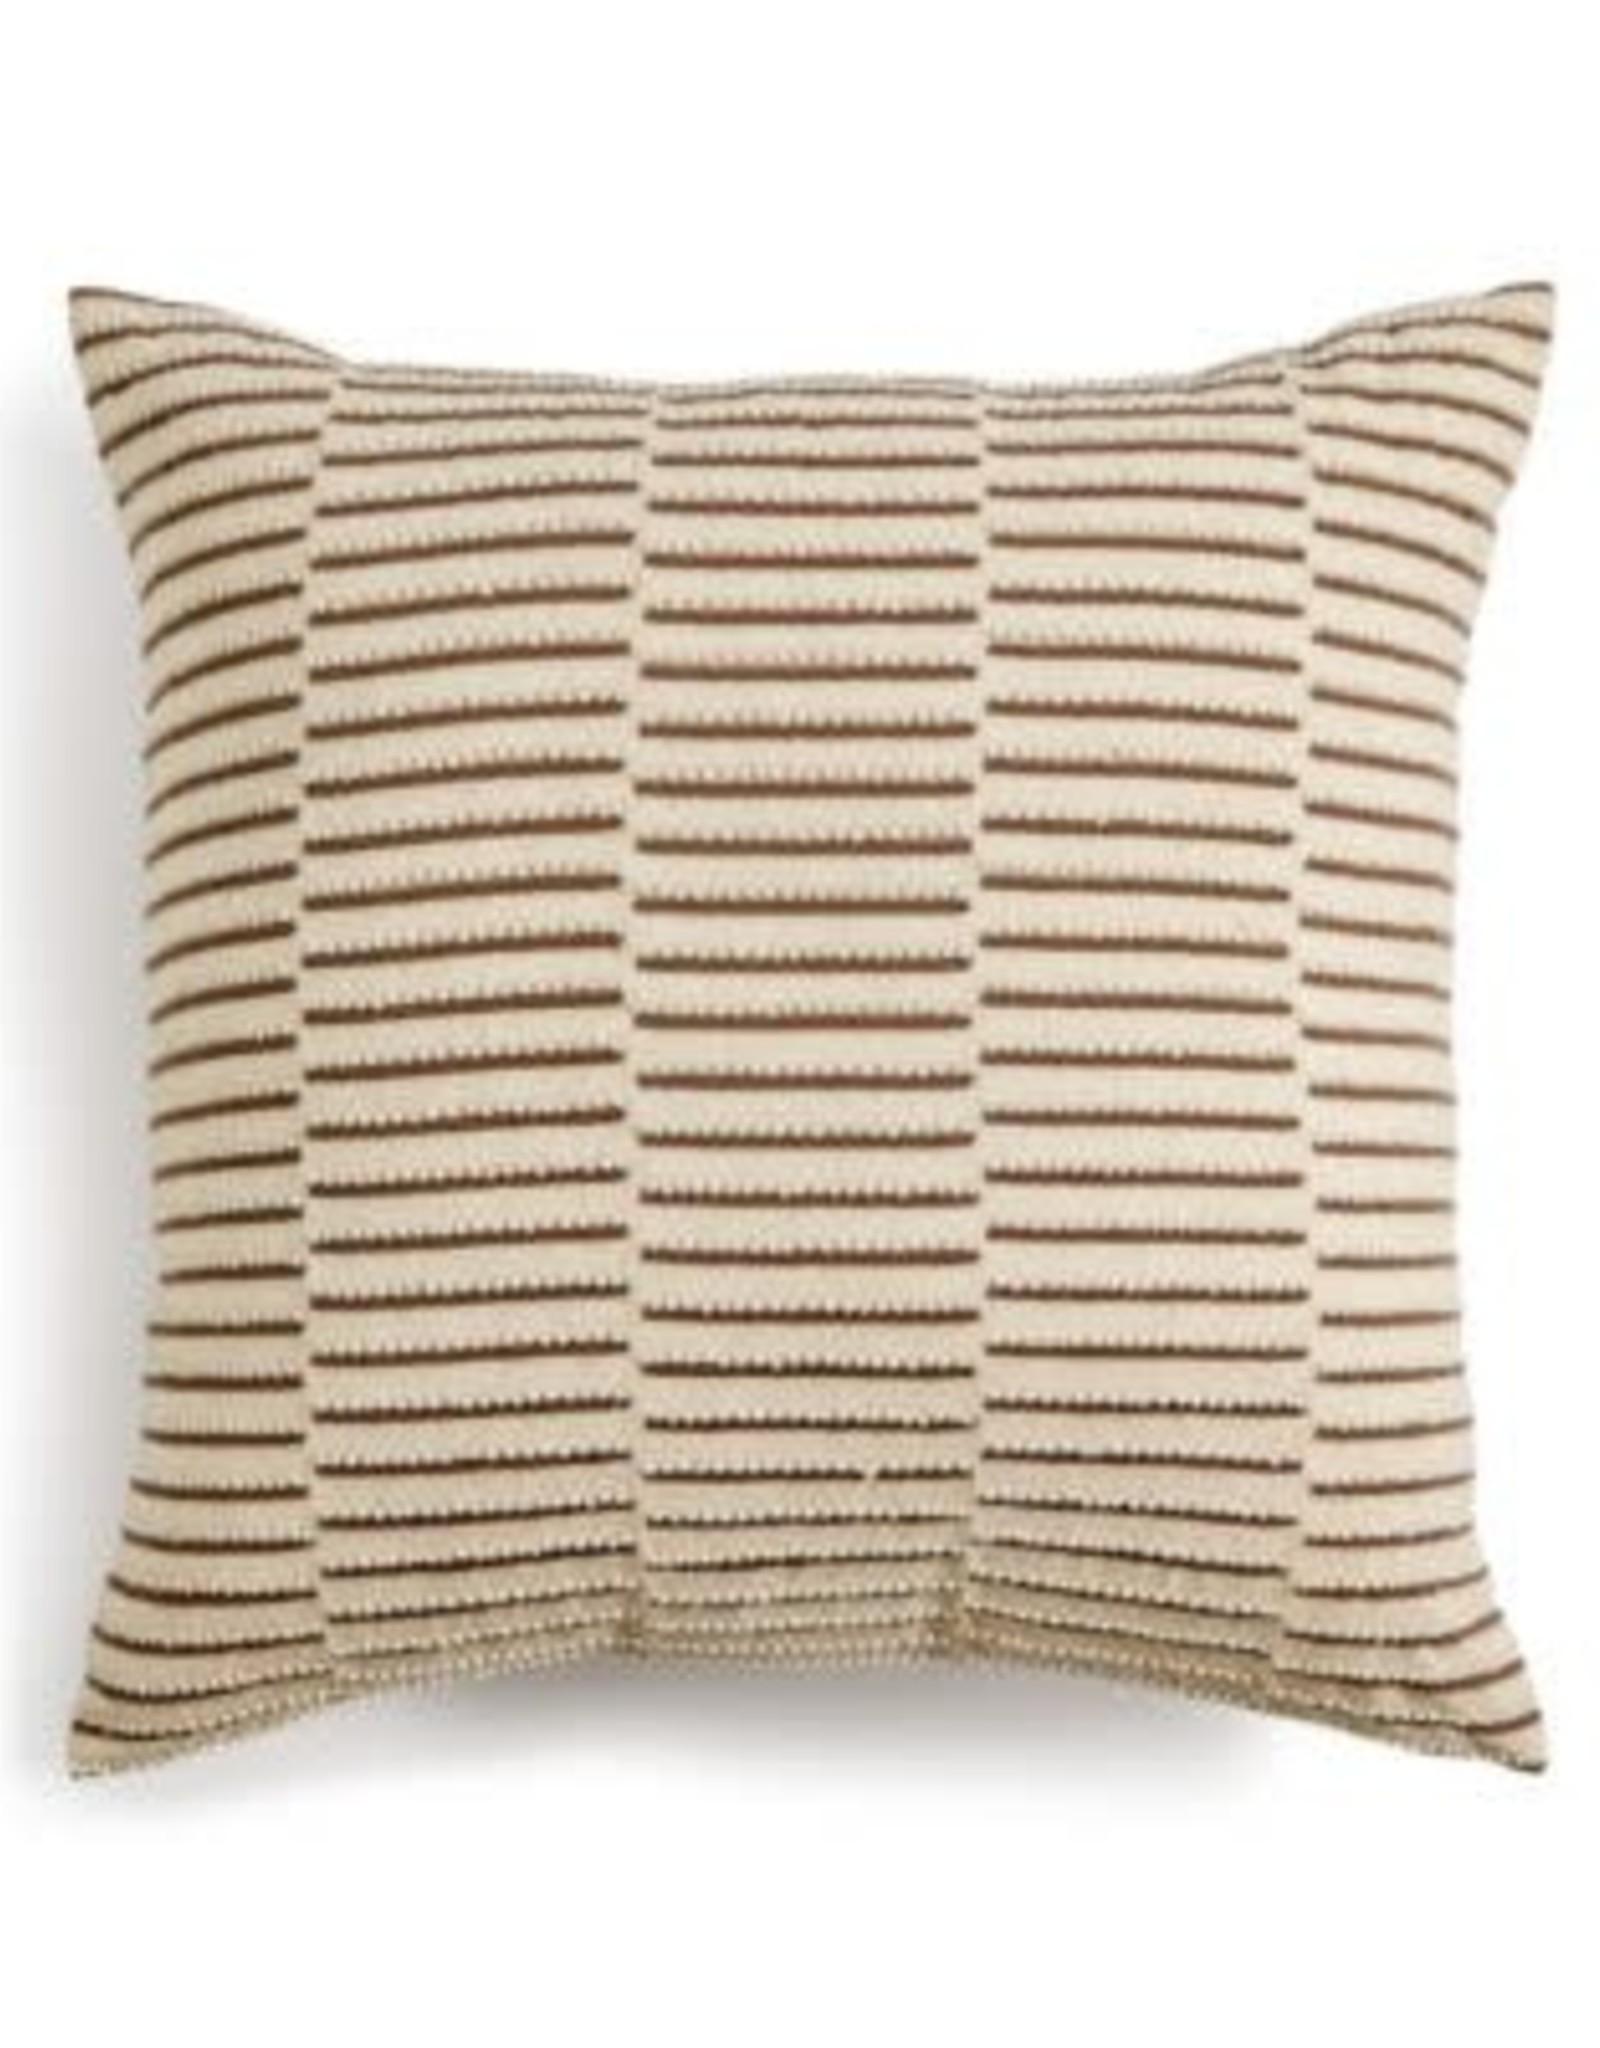 HOTEL BY C CLUB-EDI/RWI/FA Hotel Decorative Throw Pillow  18X18